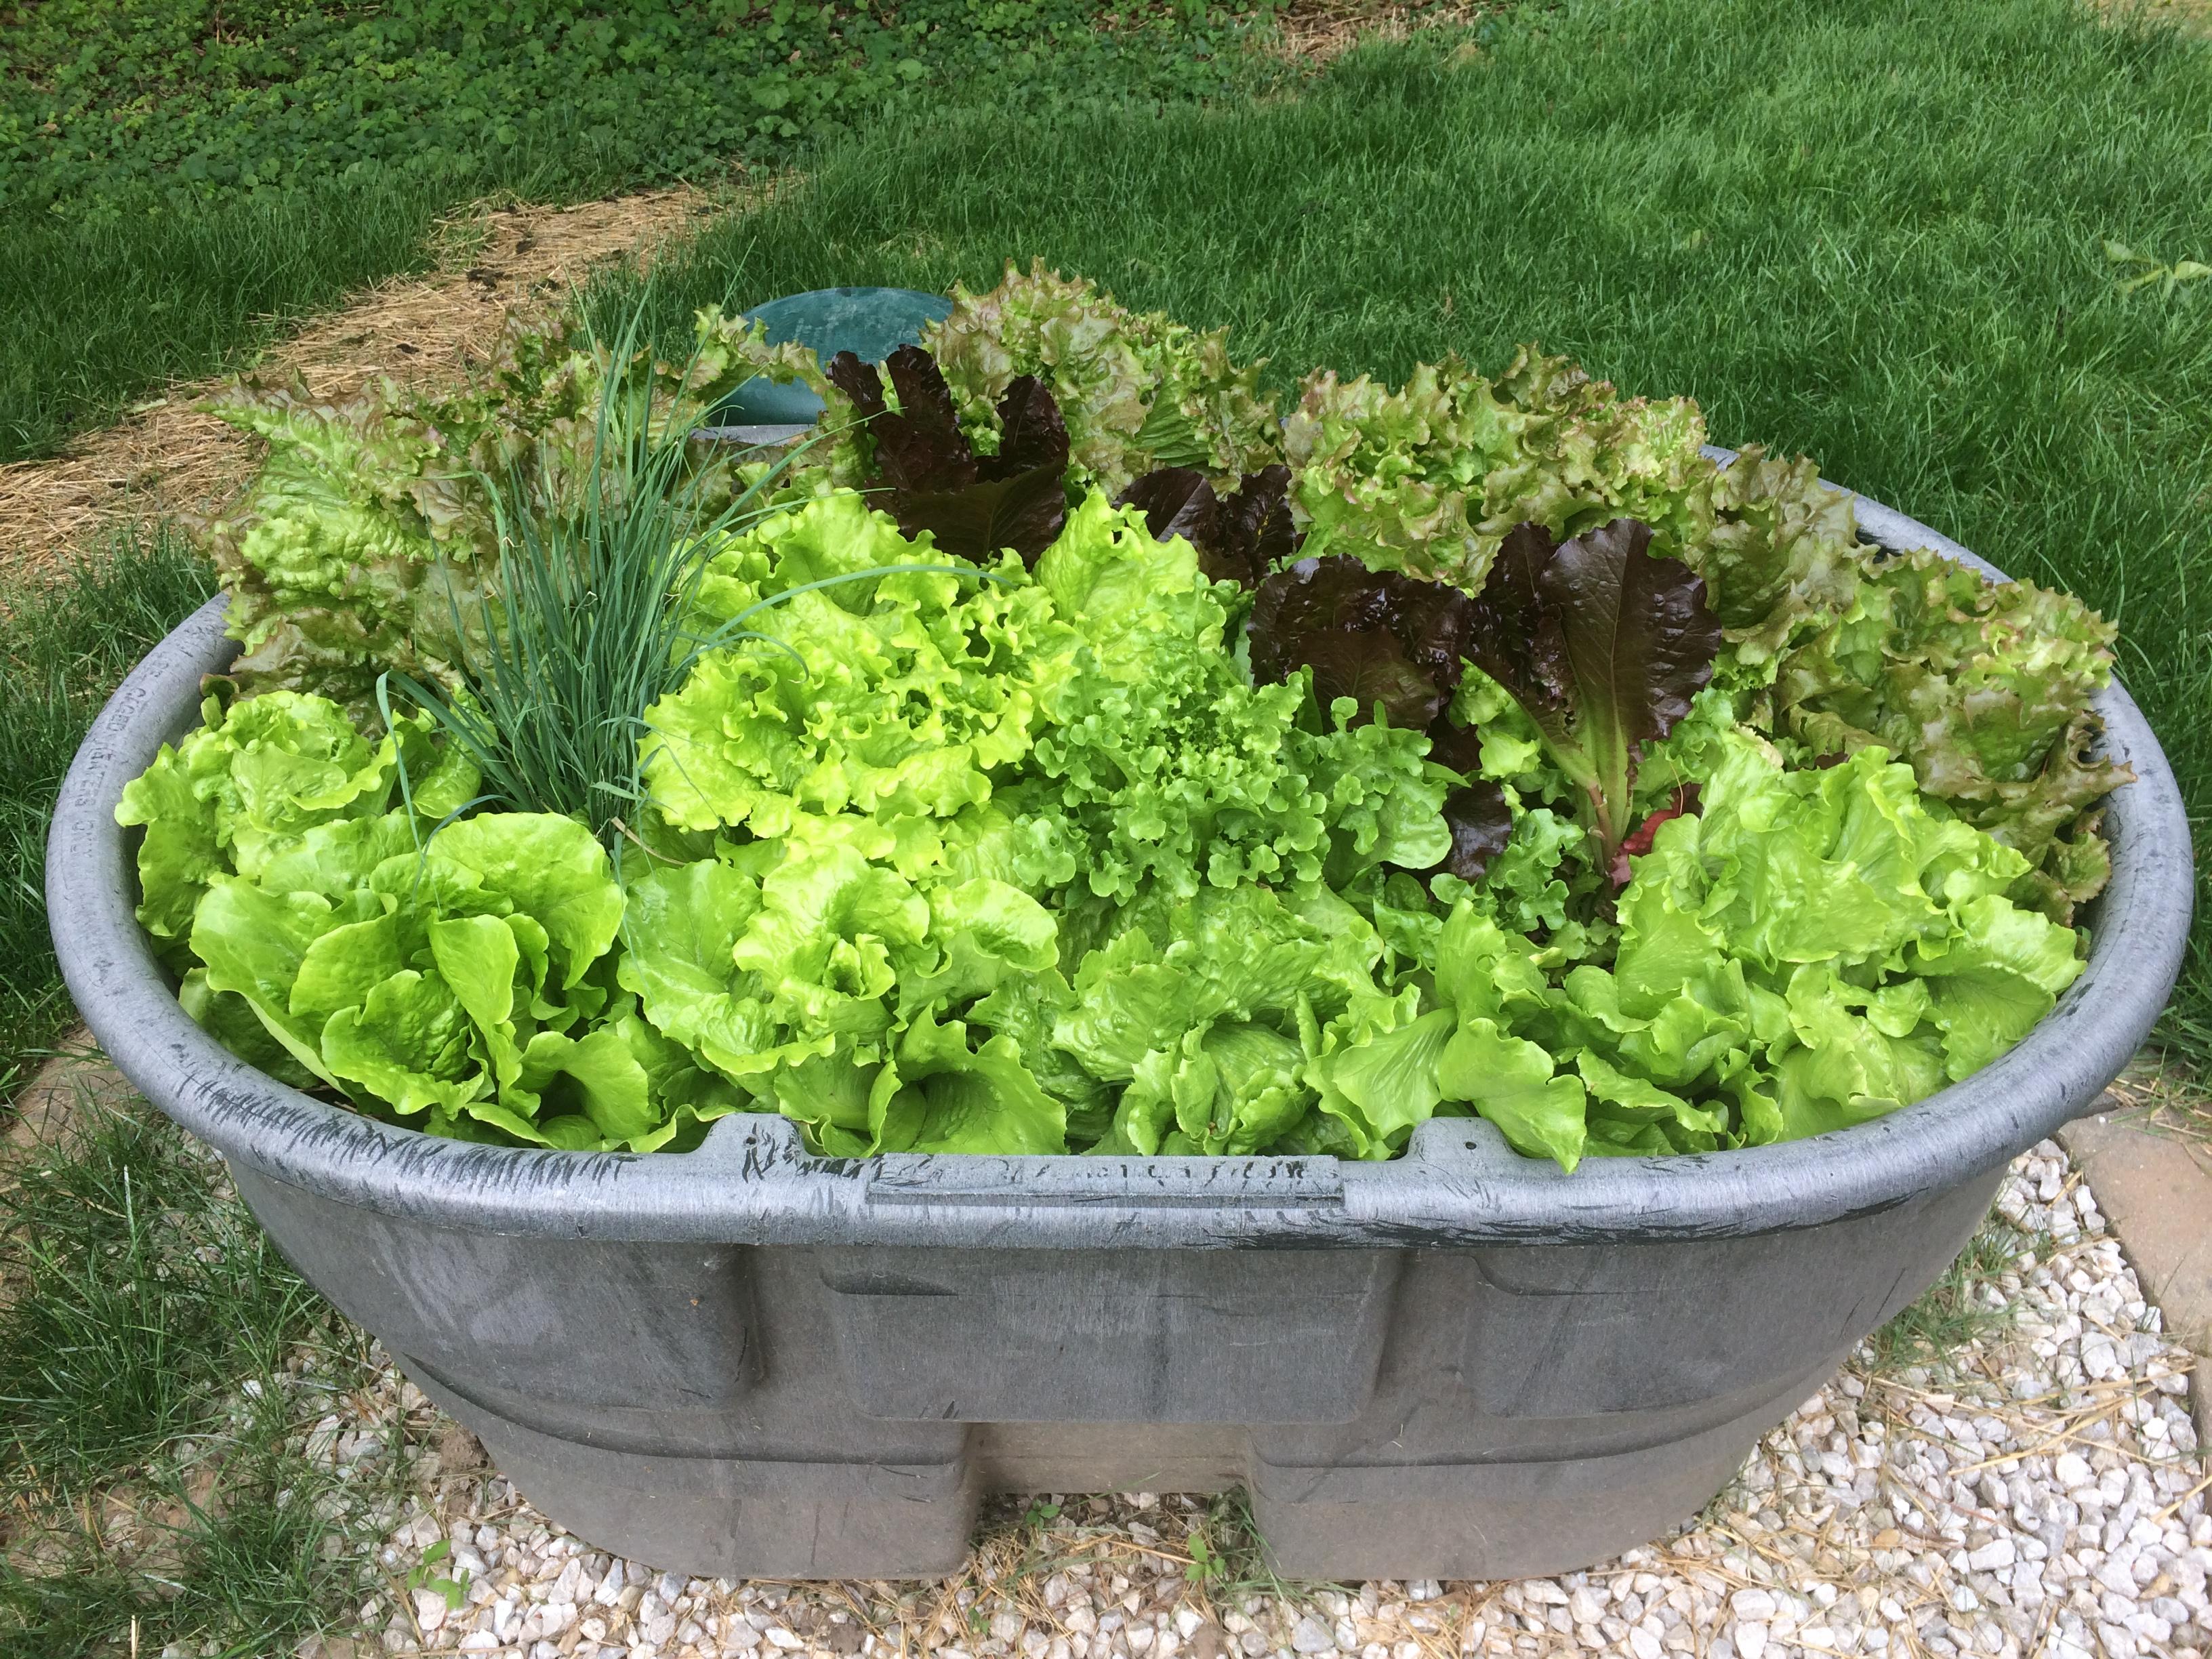 Sower's Harvest, LLC. image 5